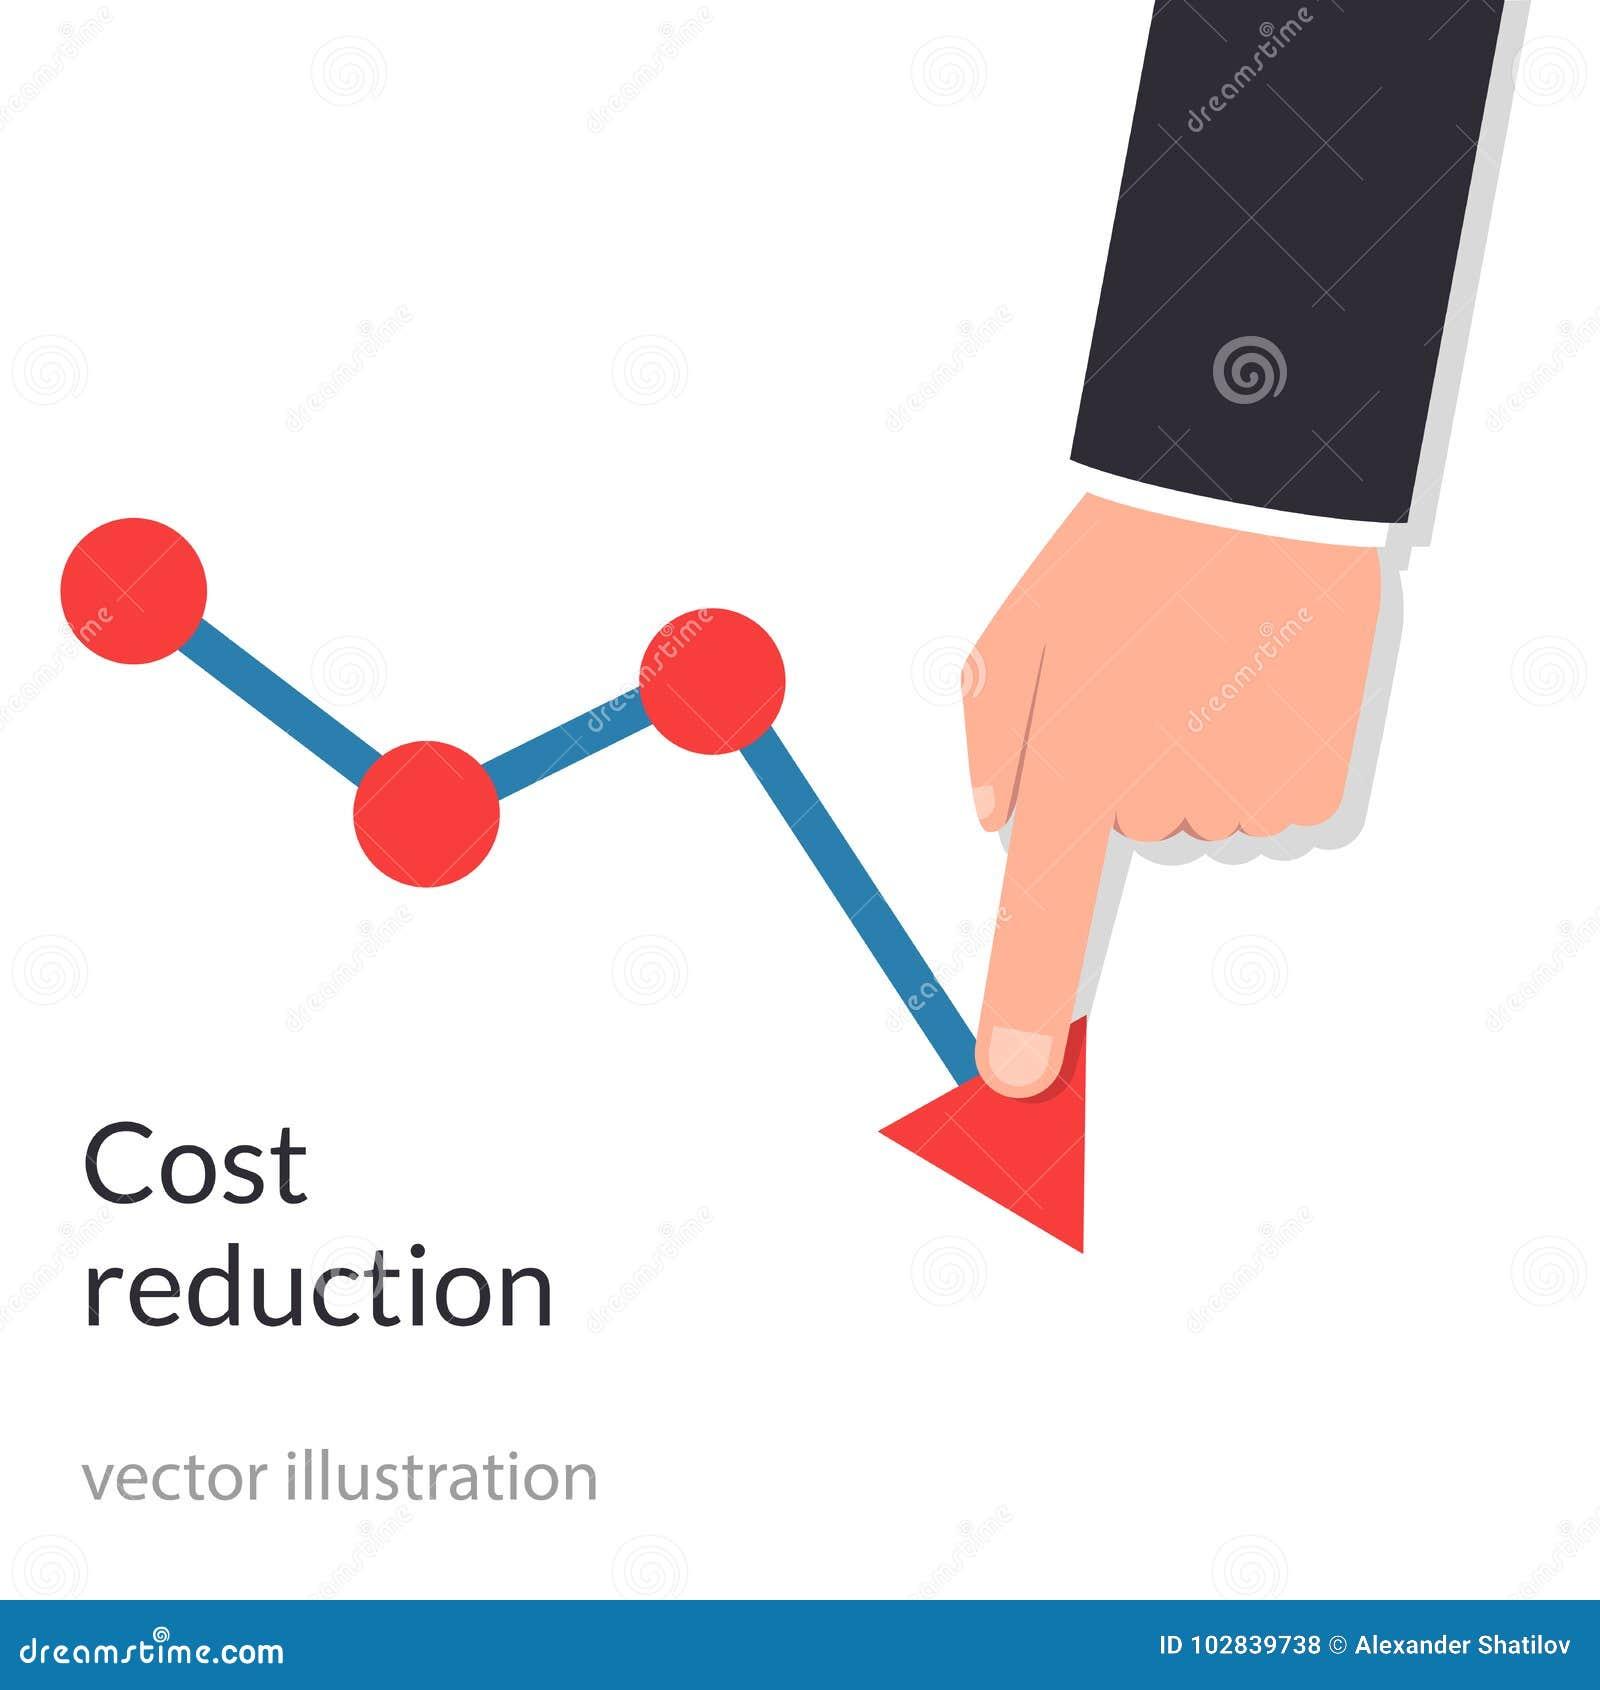 Έννοια μείωσης του κόστους Κόστος κάτω Ο επιχειρηματίας με το χέρι του χαμηλώνει το βέλος της γραφικής παράστασης Μείωση κάτω από